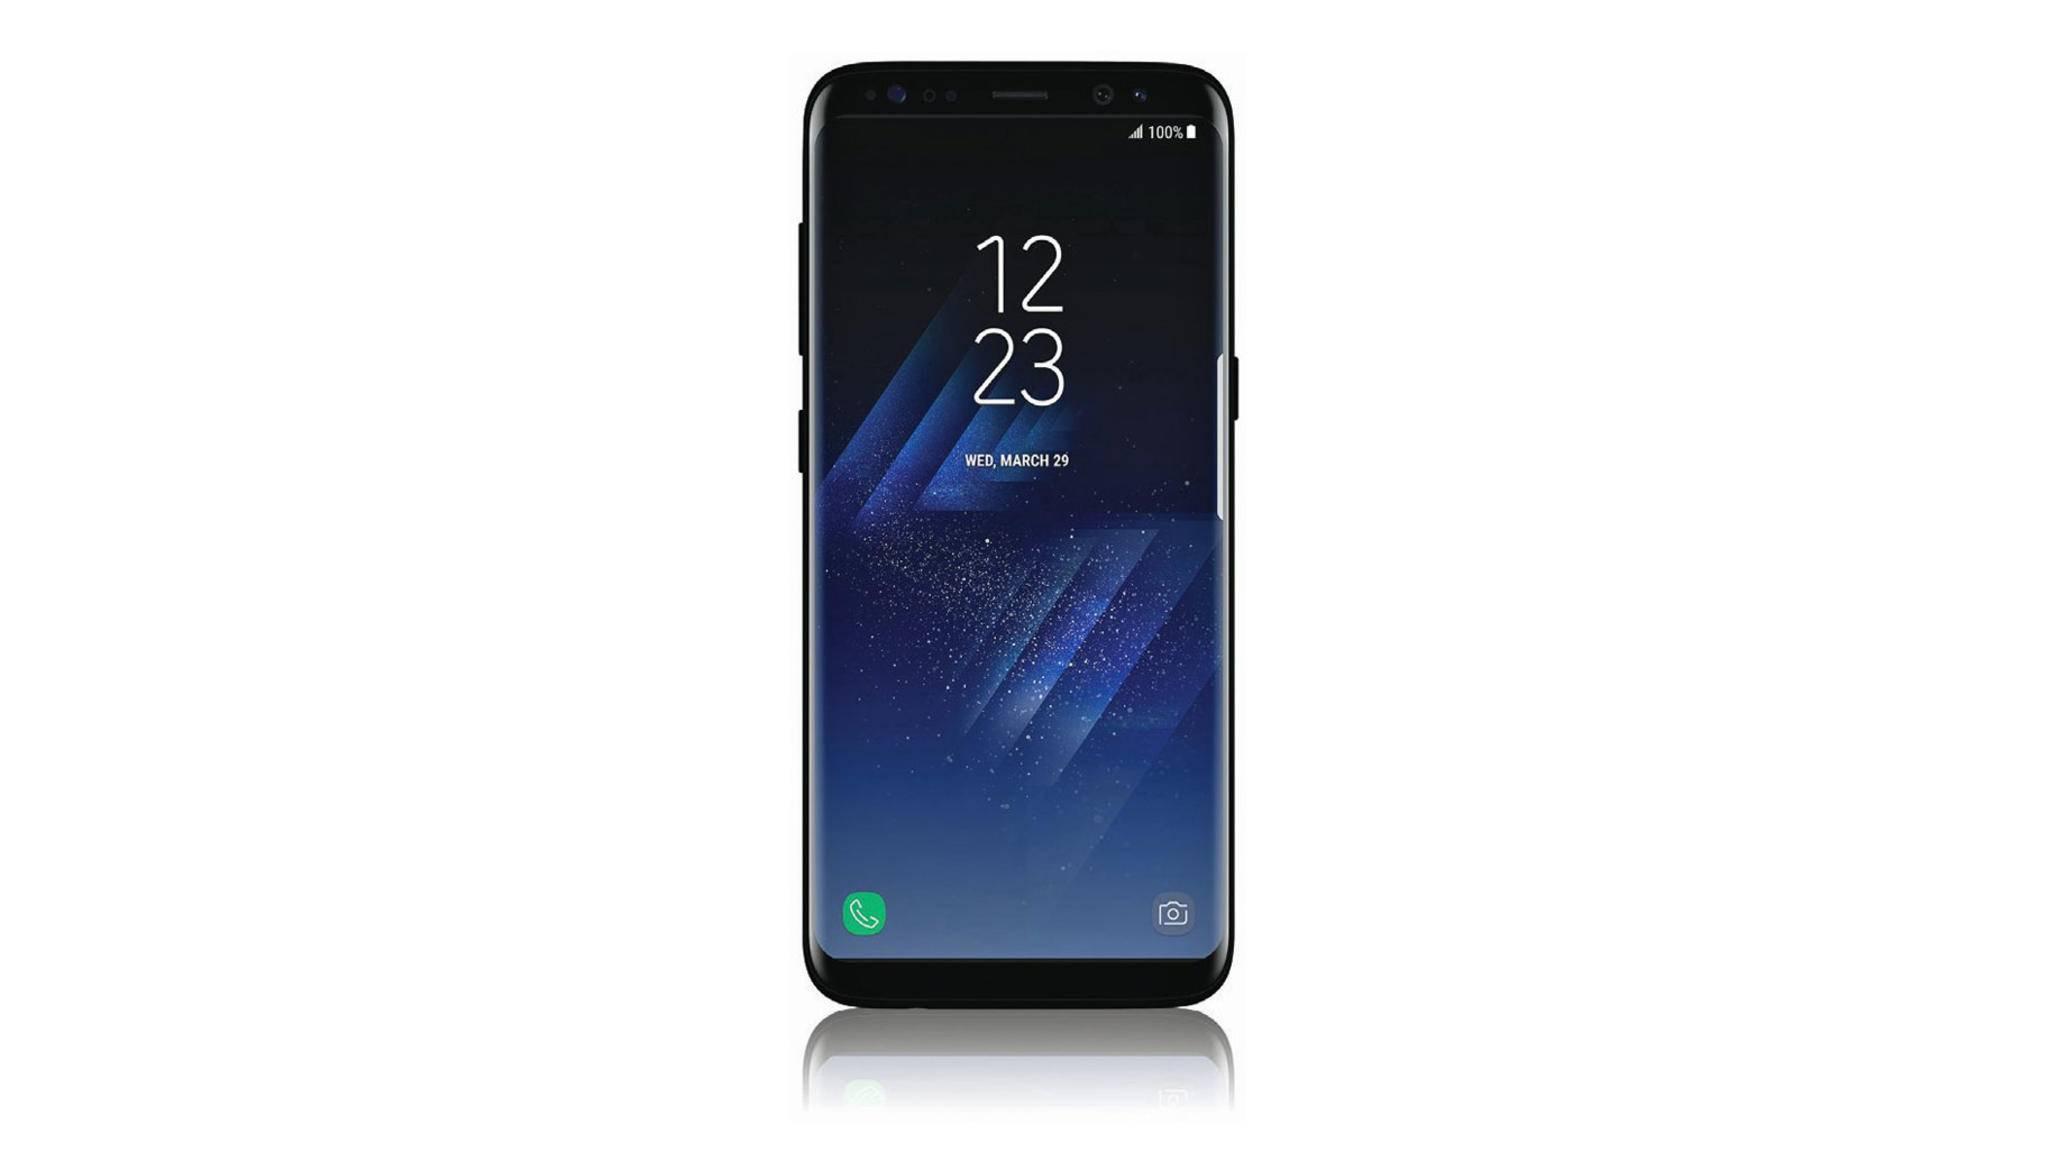 Galaxy S8 und Galaxy S8 Plus werden am 29. März offiziell vorgestellt.